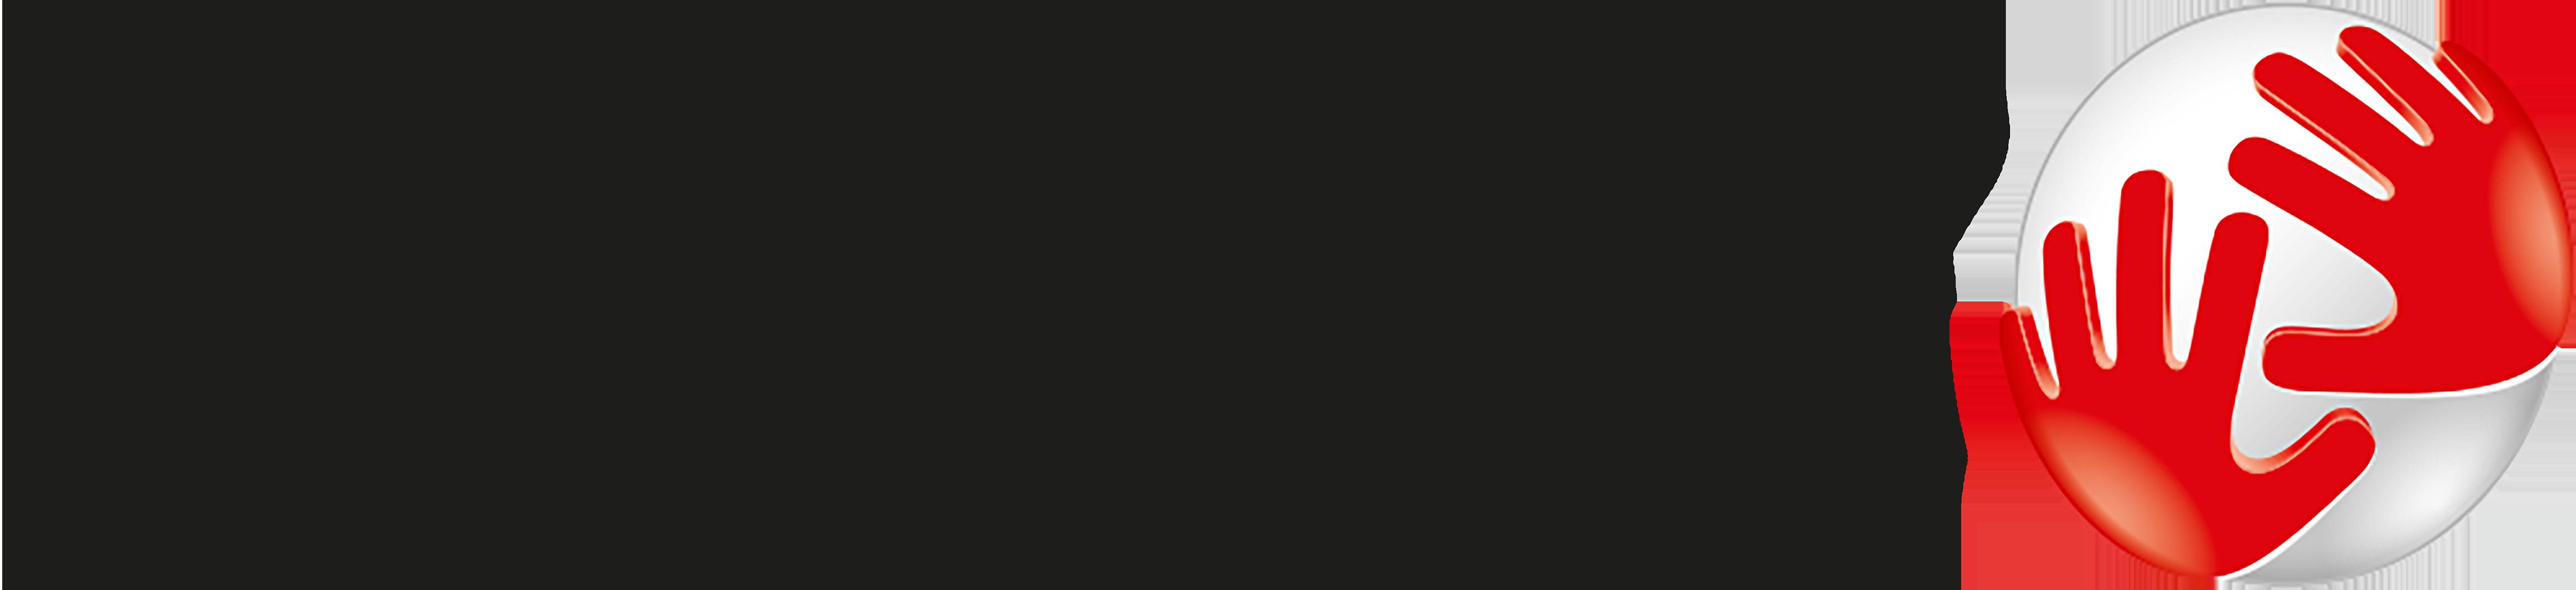 tomtom_logo_color